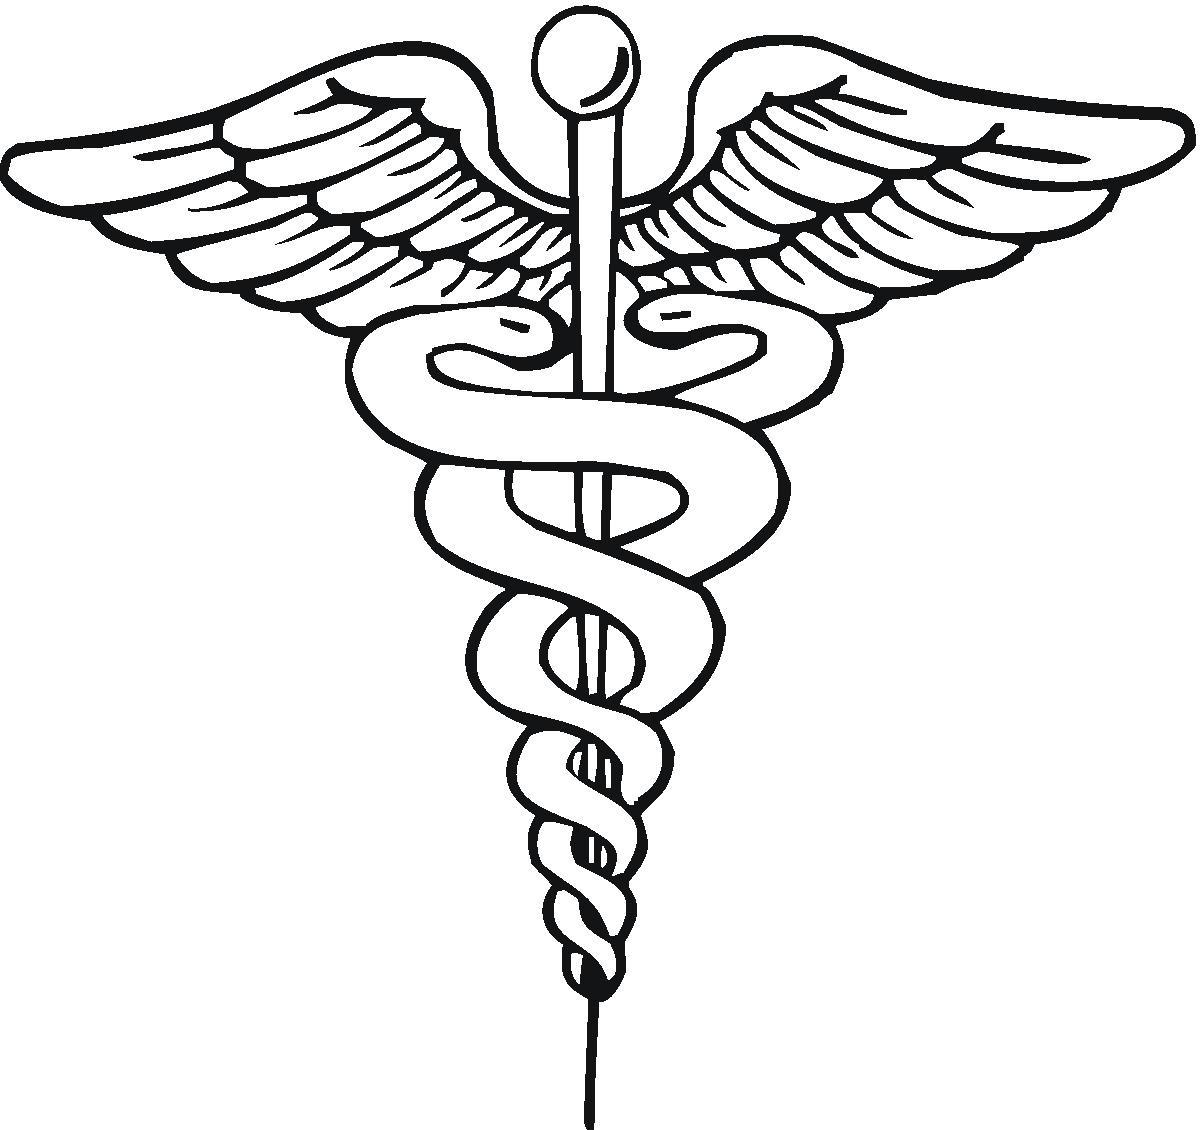 jpeg images of medical symbols clipart best. medical symbol.